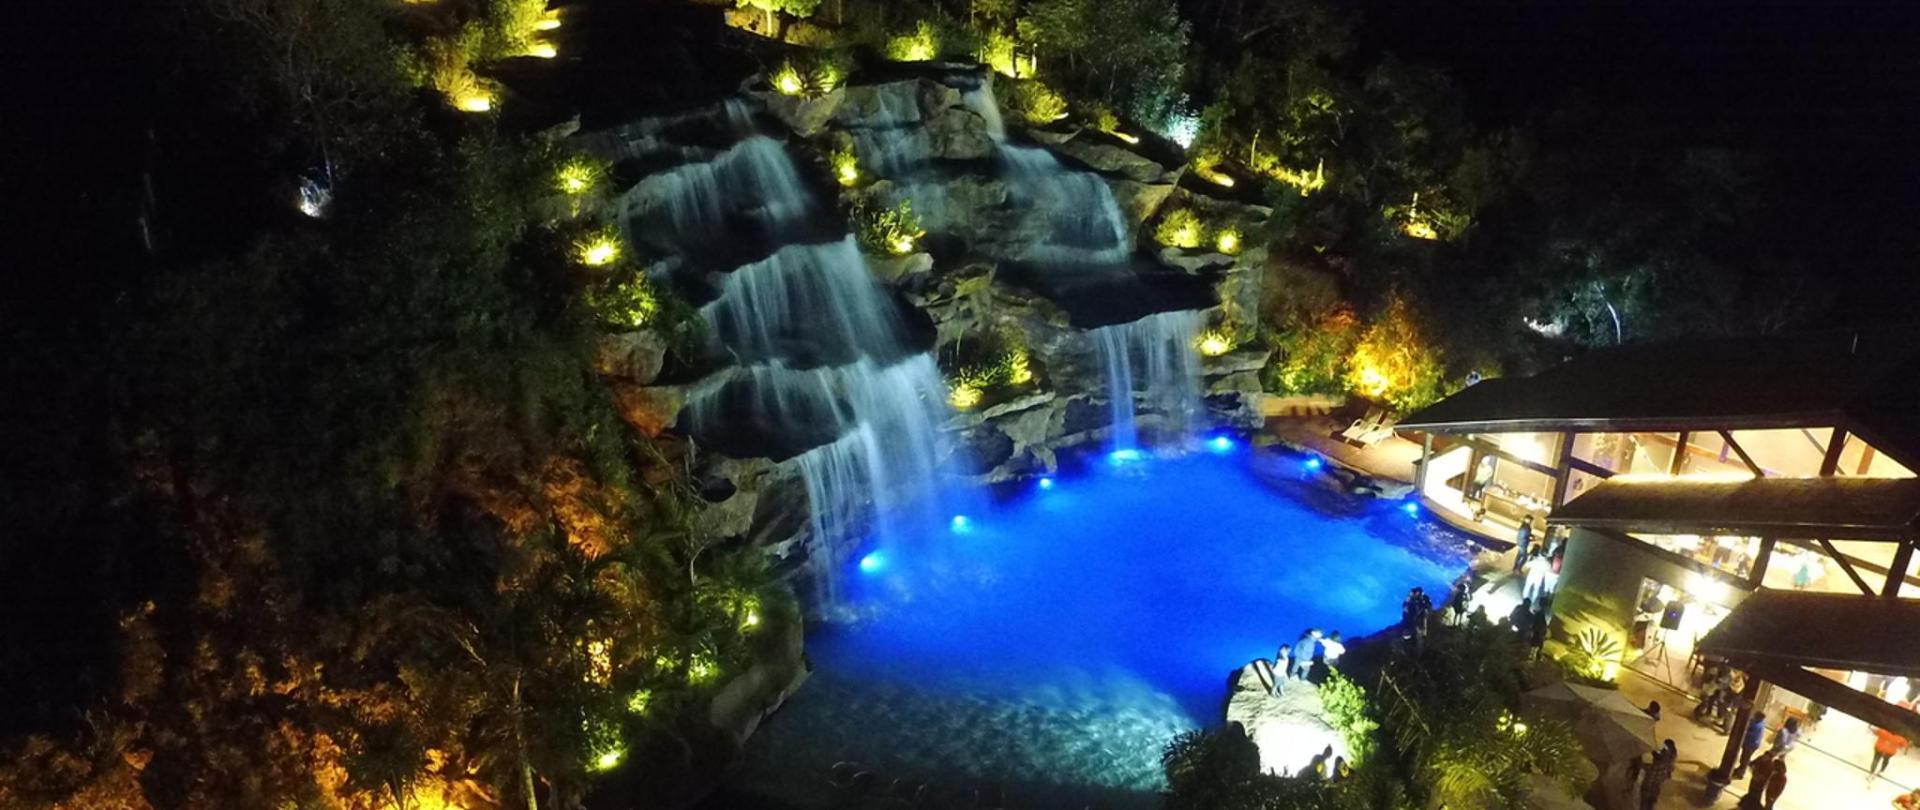 cachoeira a noite_Easy-Resize.com (1).jpg